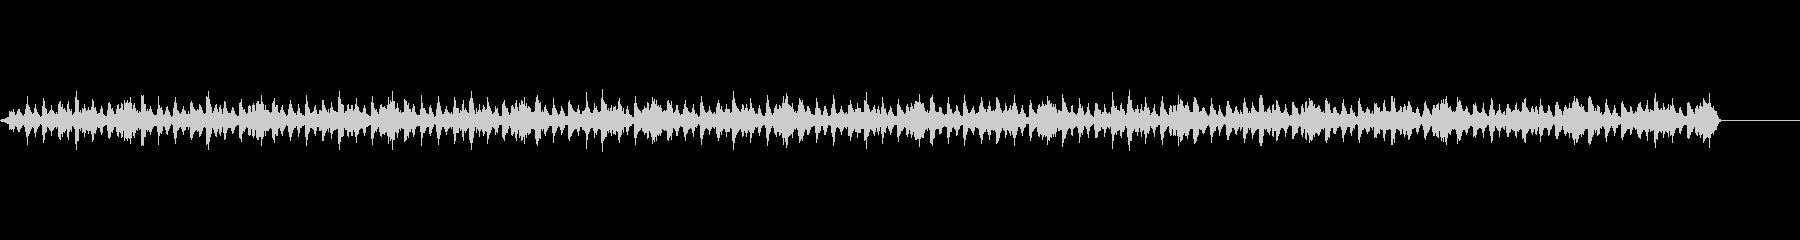 音楽;薄い壁を通しての電子ダンスビート。の未再生の波形